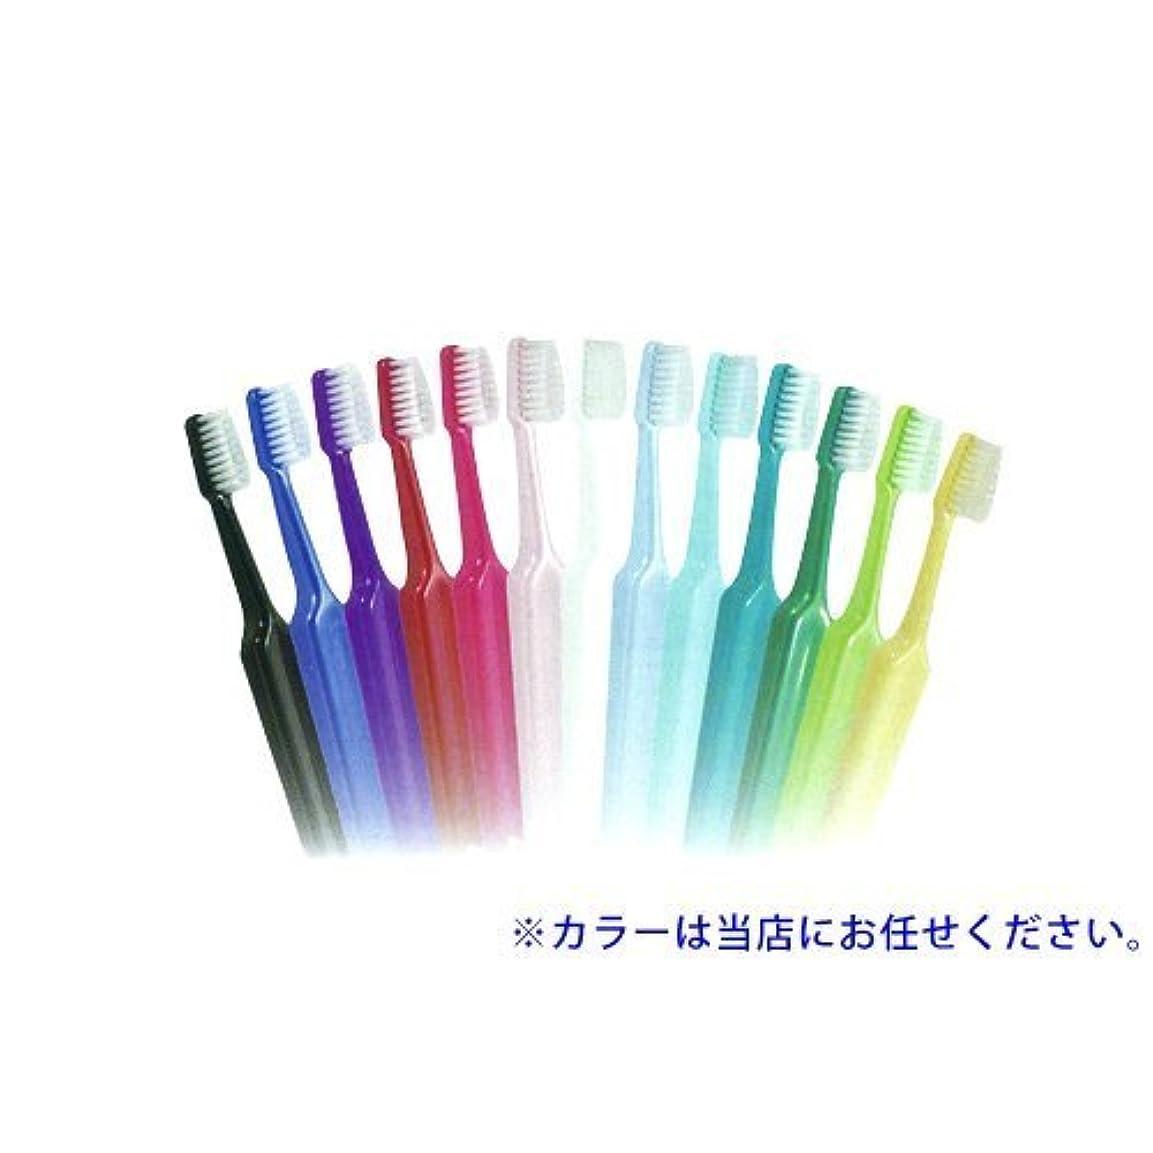 促進するまつげ平和なTepe歯ブラシ セレクトミニ/ソフト 25本/箱